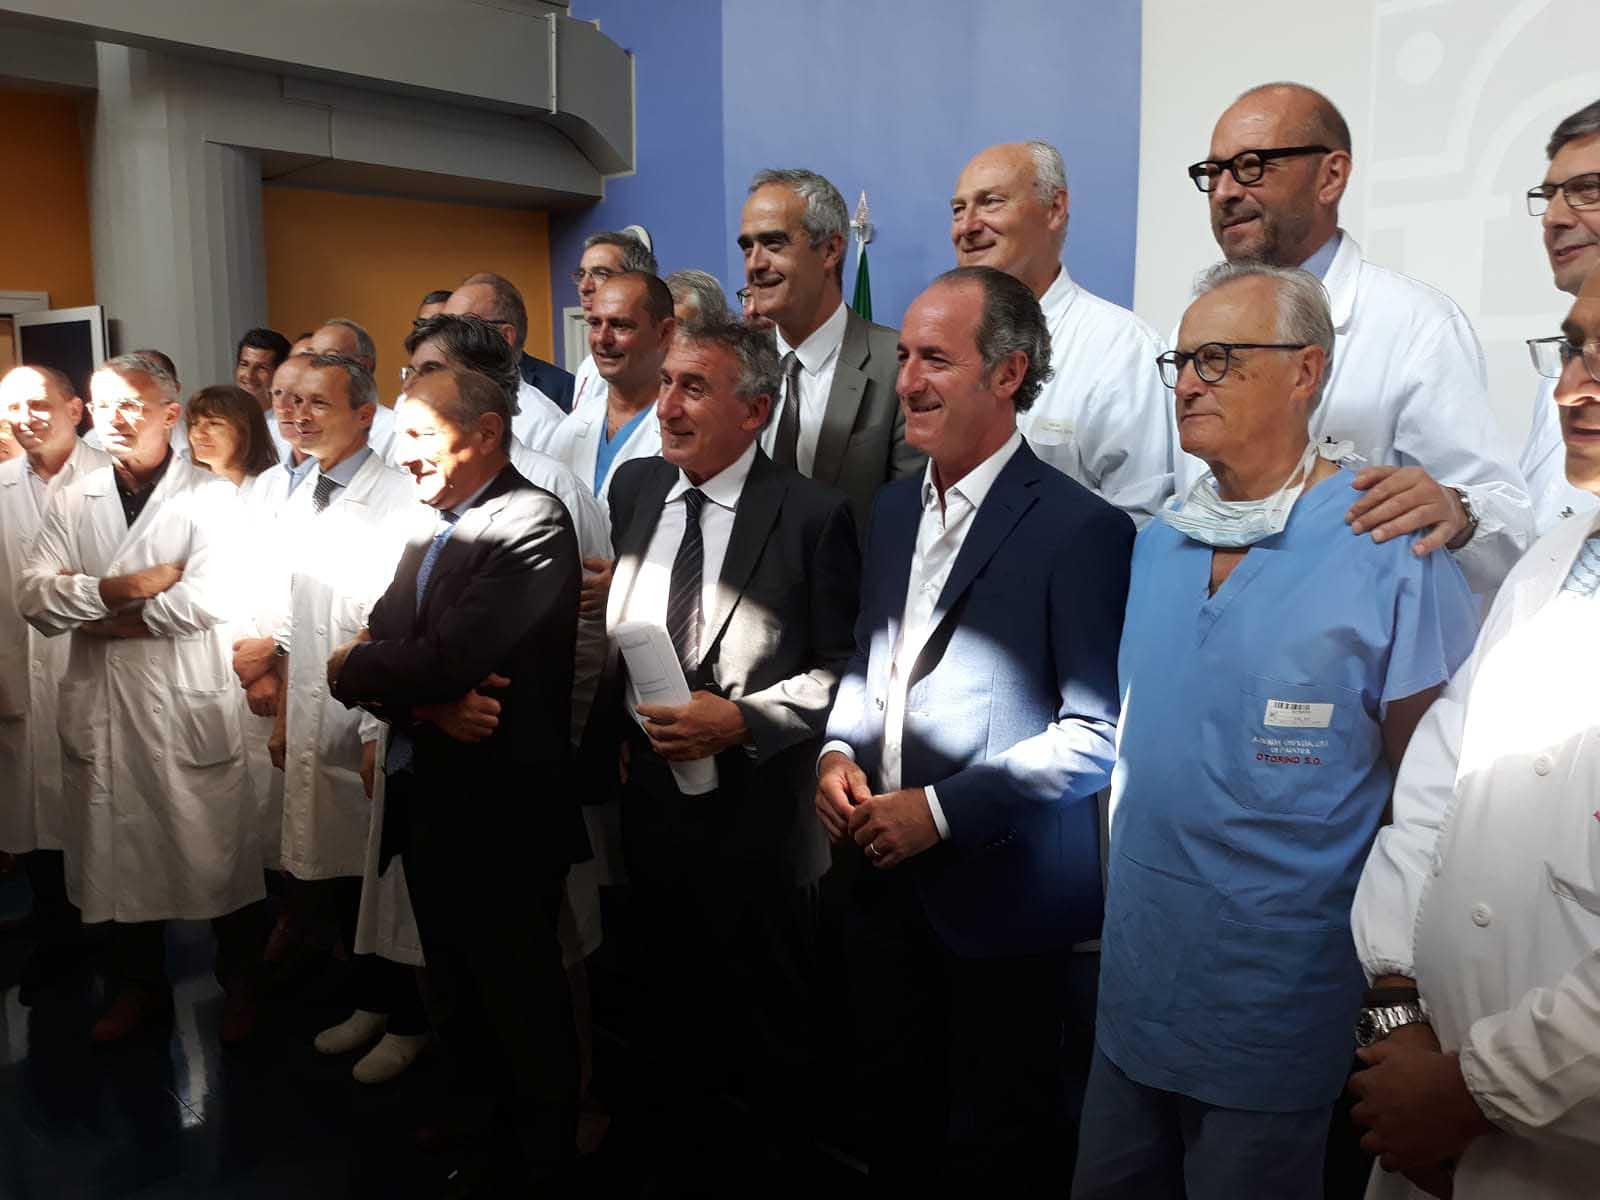 Ospedale di Padova